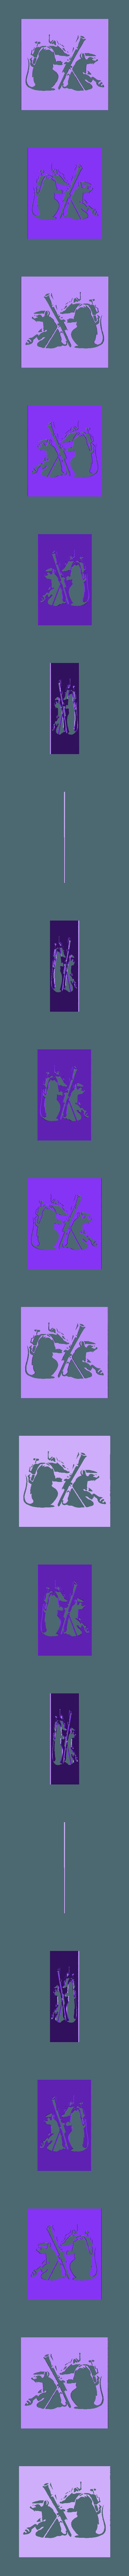 Bterror.stl Télécharger fichier STL gratuit Pochoir de la terreur du rat Banksy • Plan à imprimer en 3D, manuel666